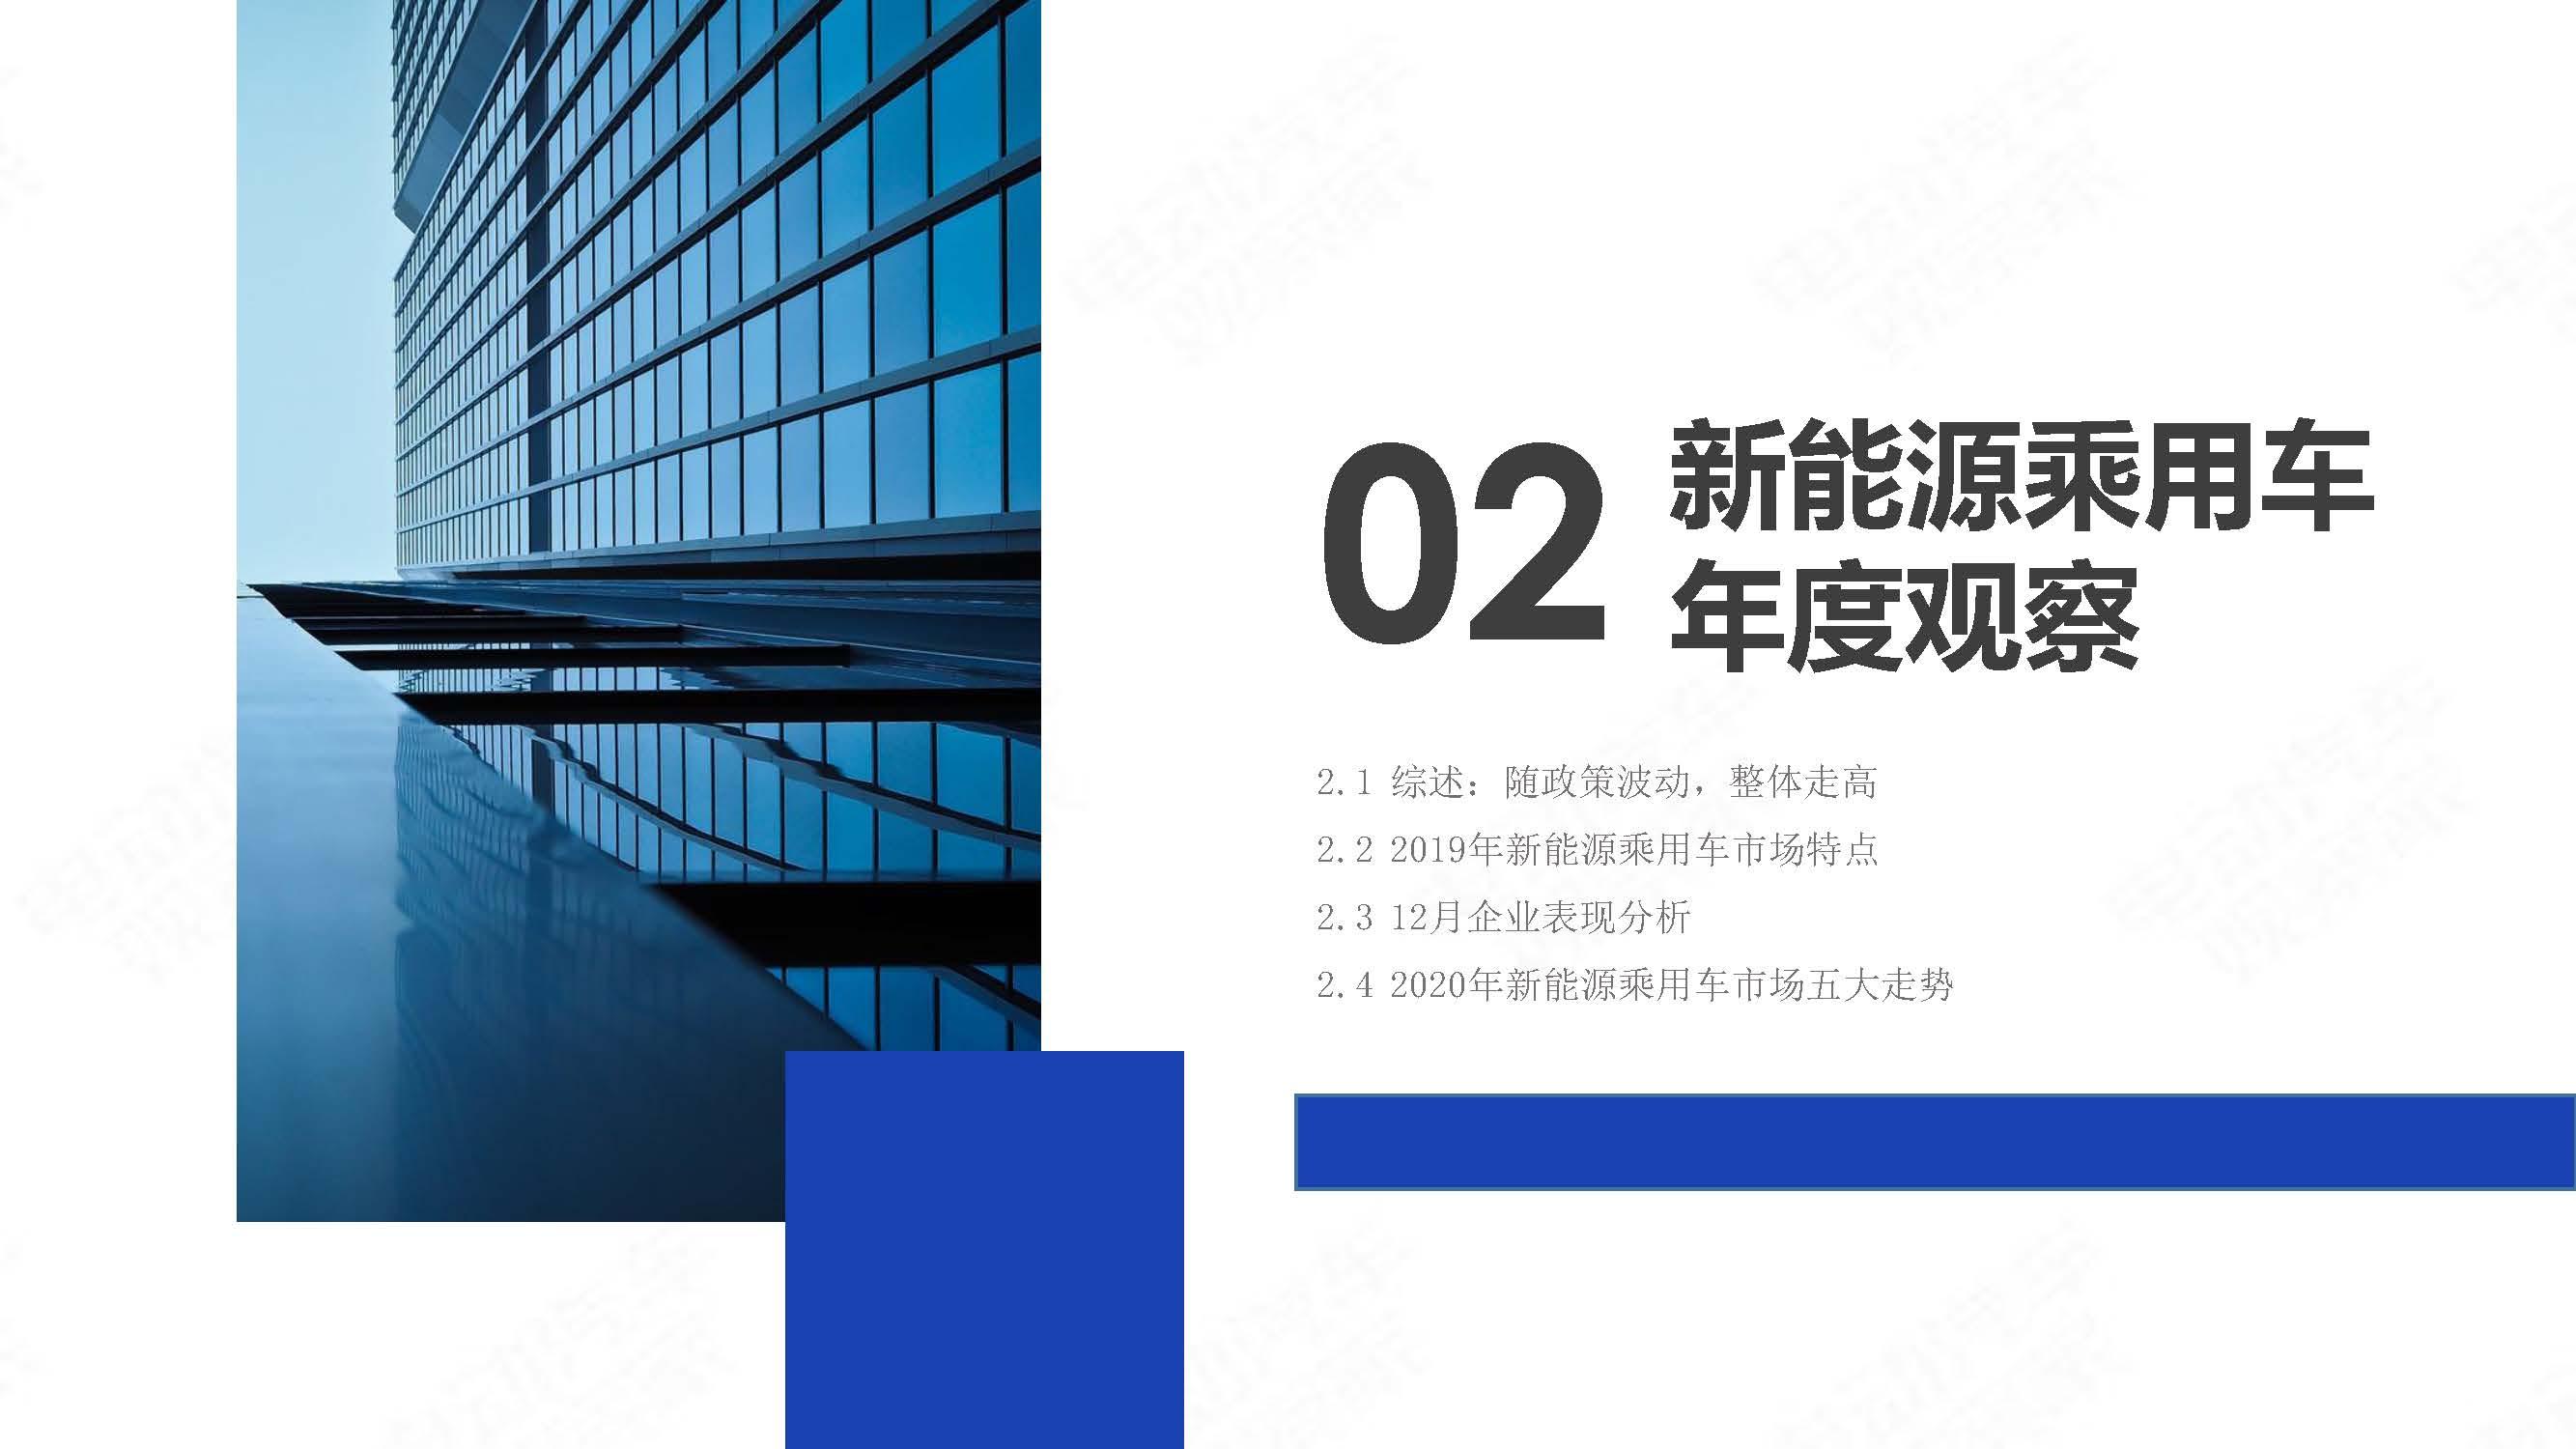 中国新能源汽车产业年度观察2020 简版_页面_05